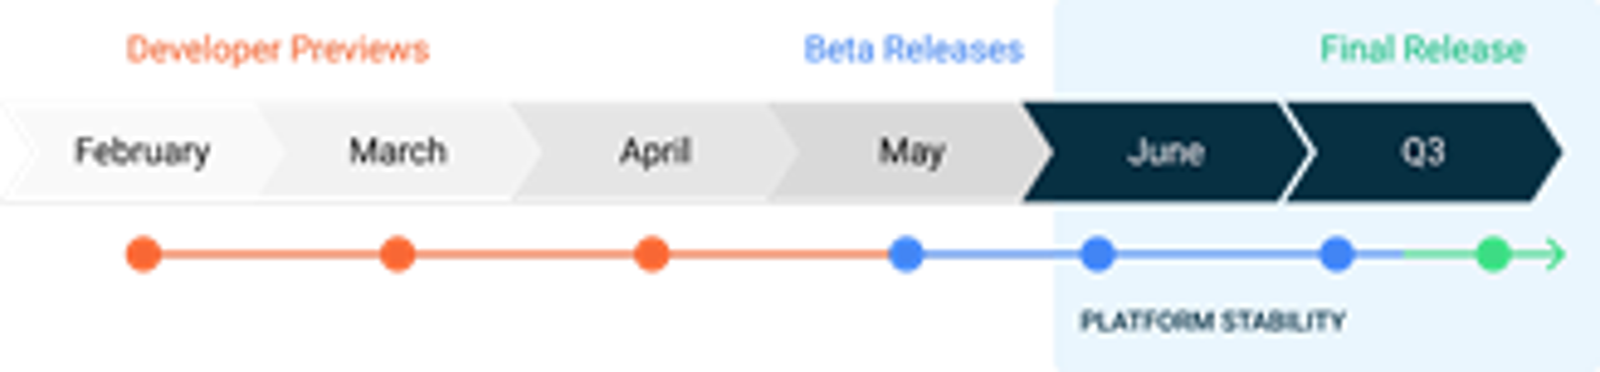 Calendário de atualizações do Android 11 indica que betas públicos devem ser lançados a partir de maio.